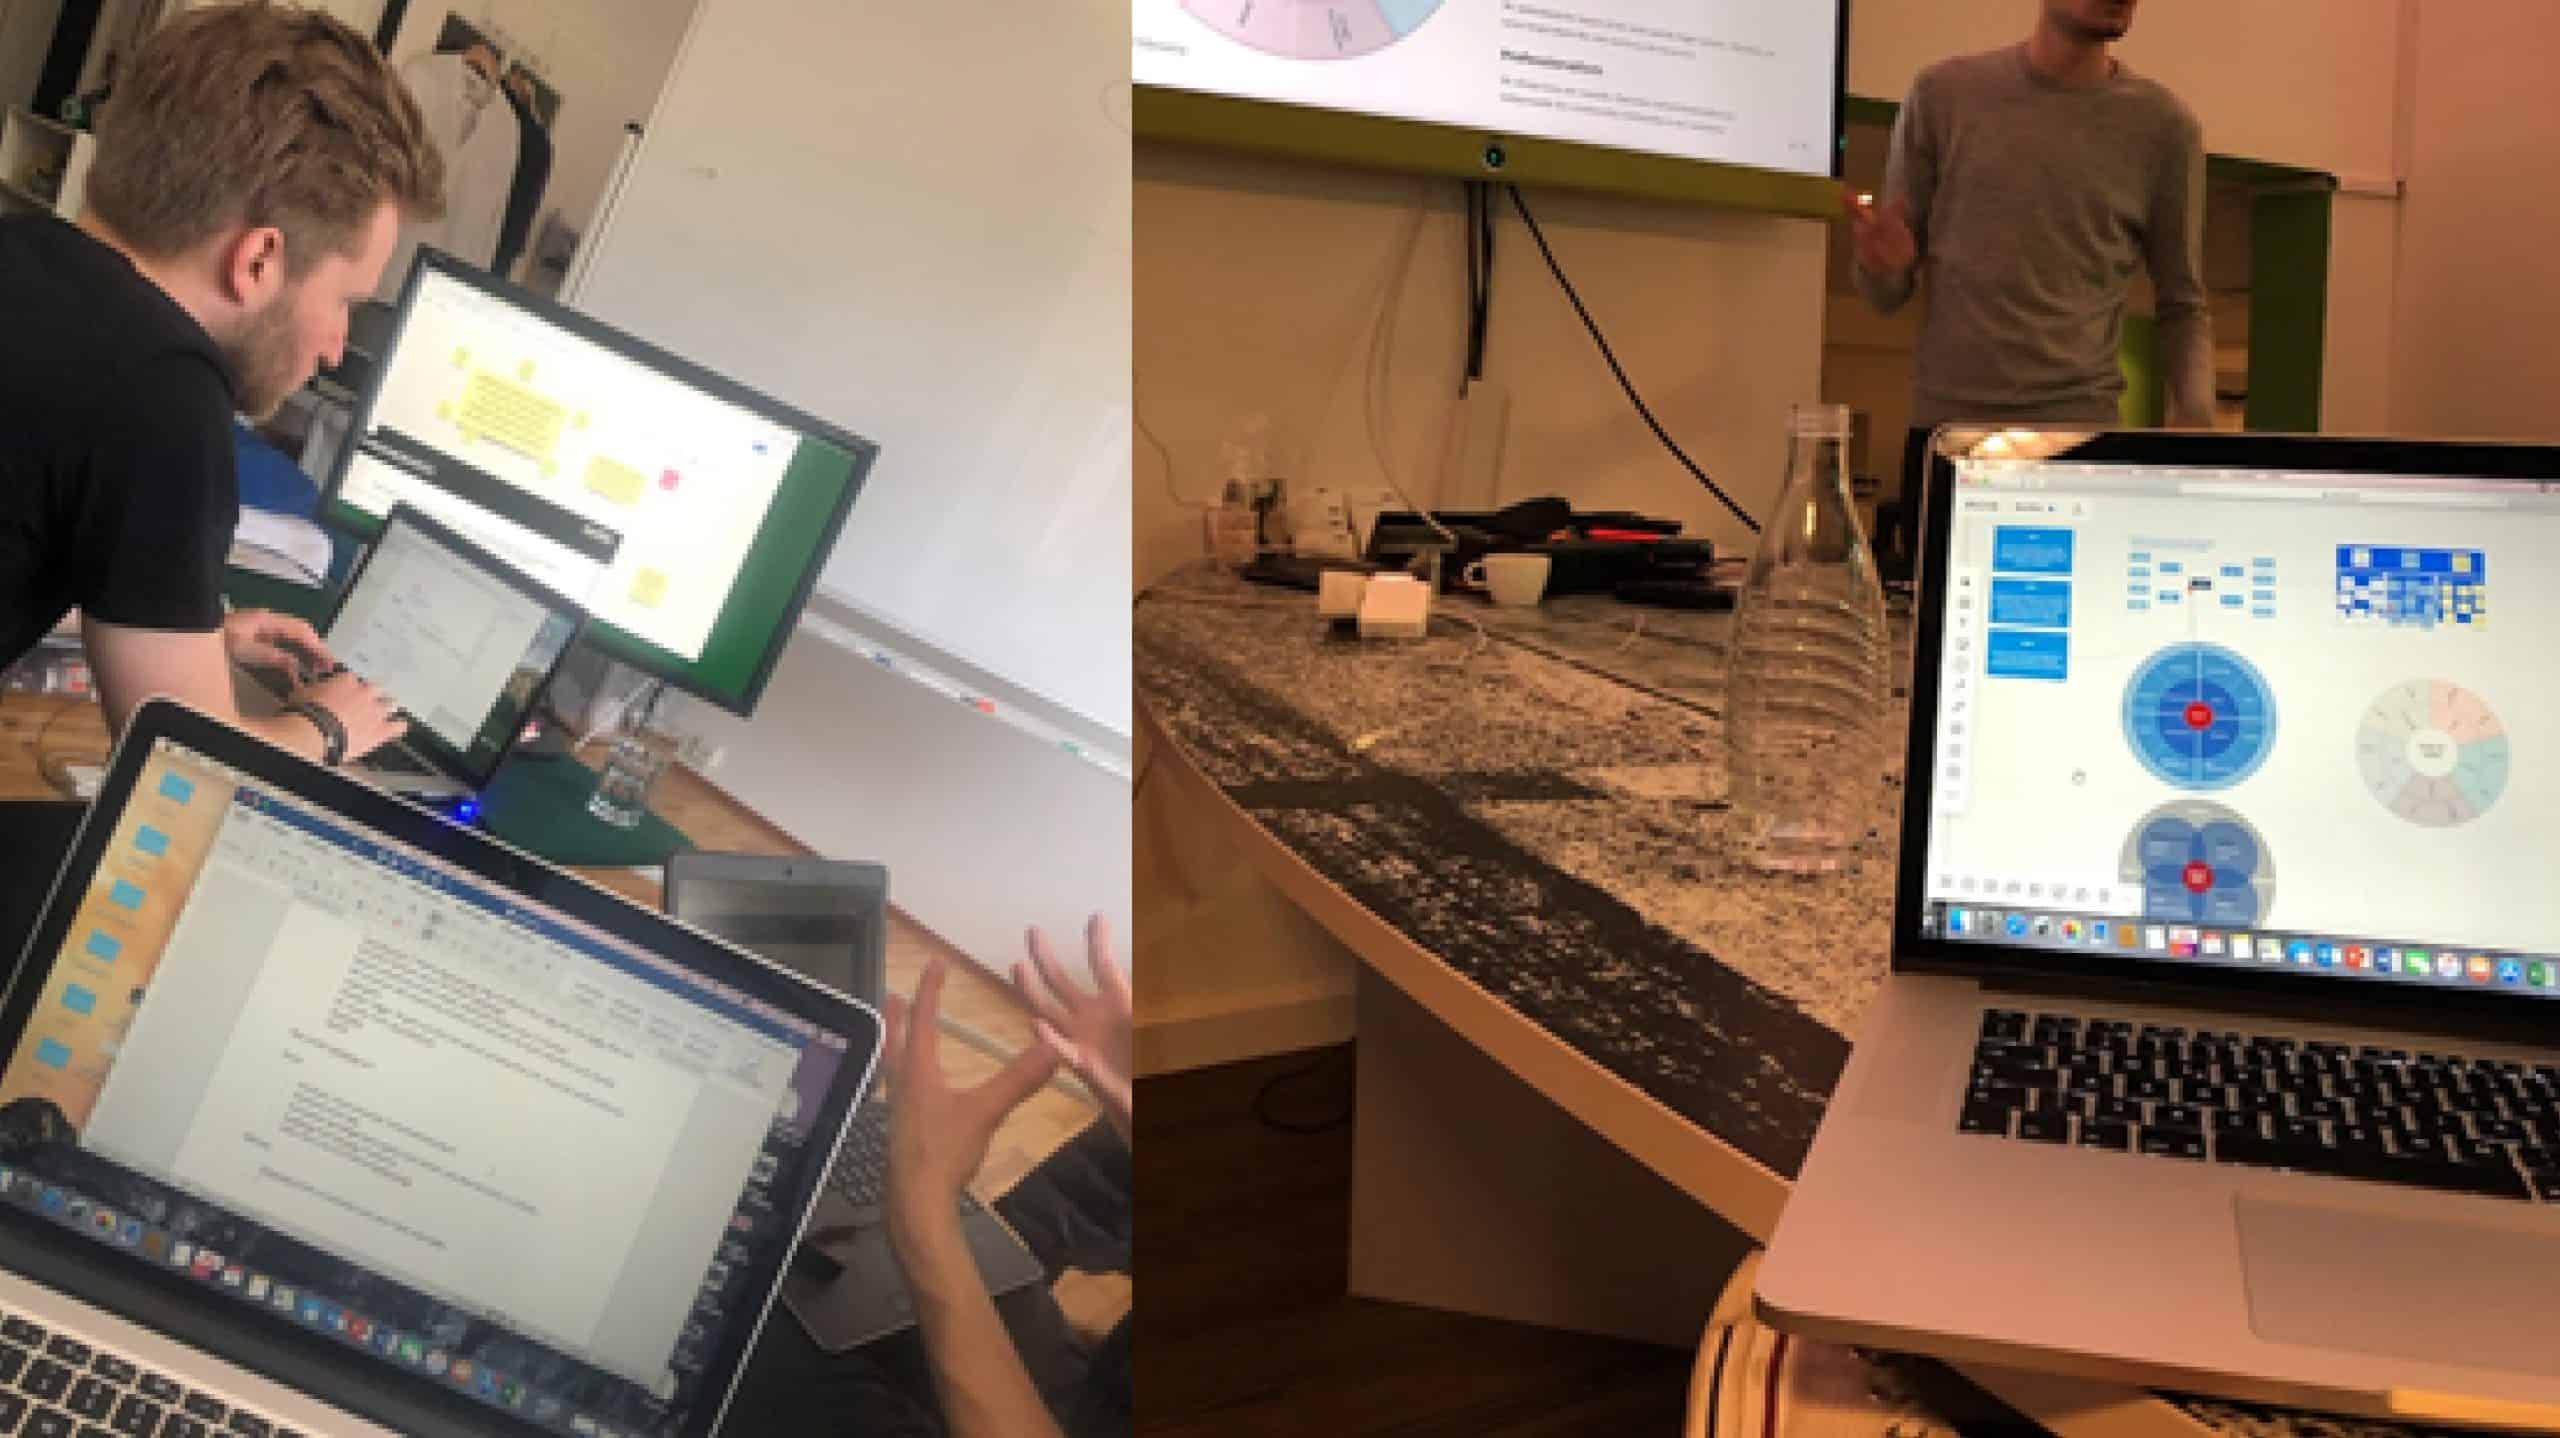 Marken Identität Workshop | Start-Up Pitchdeck Gestaltung